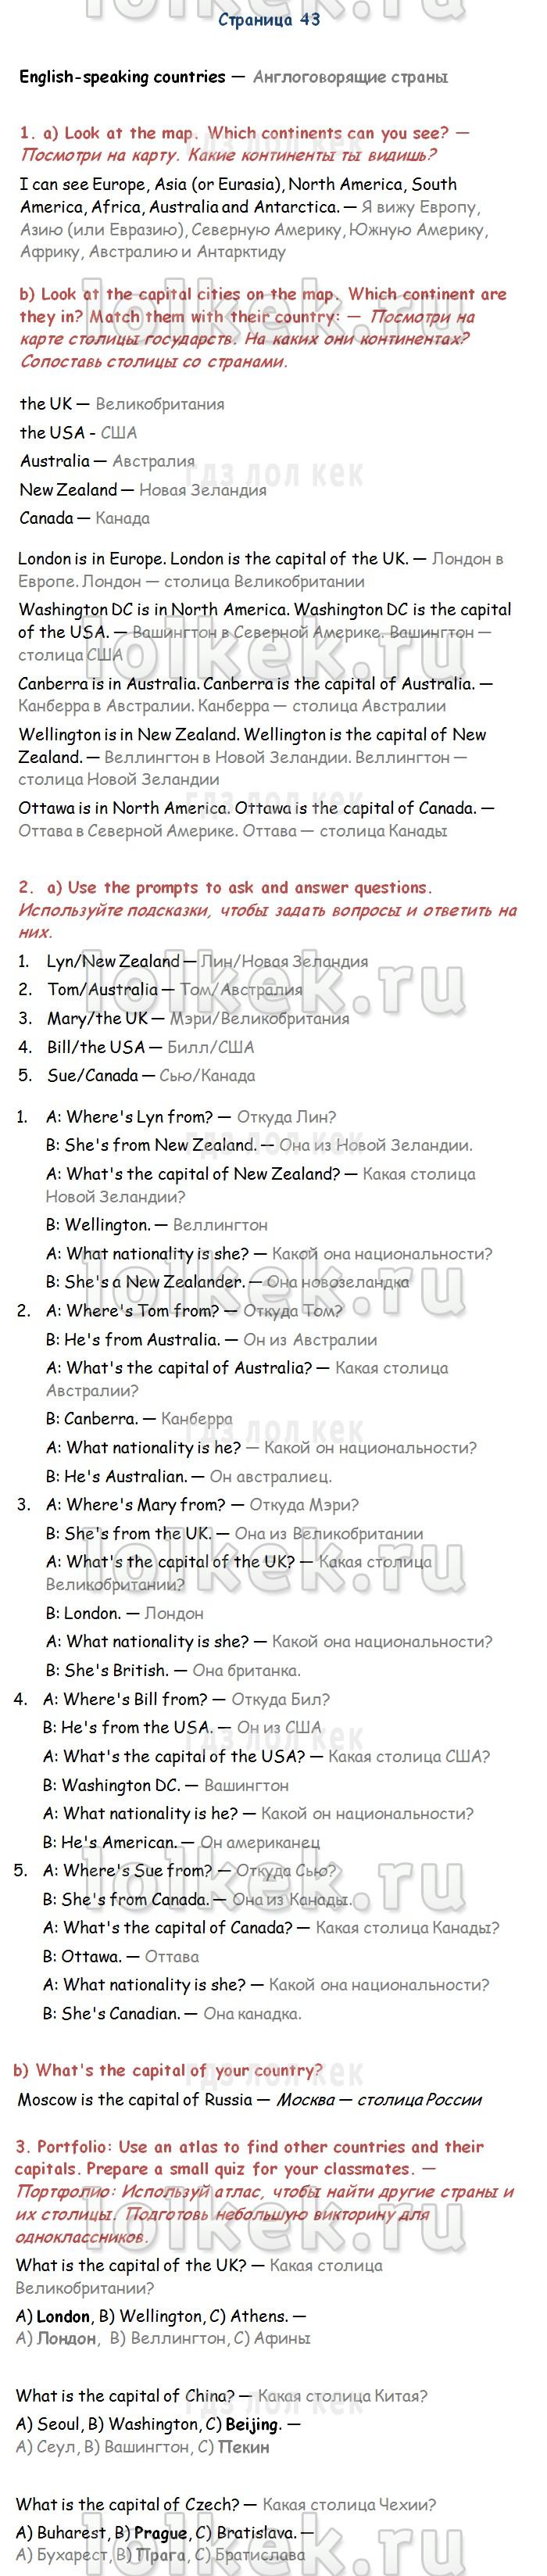 английский язык страница 43